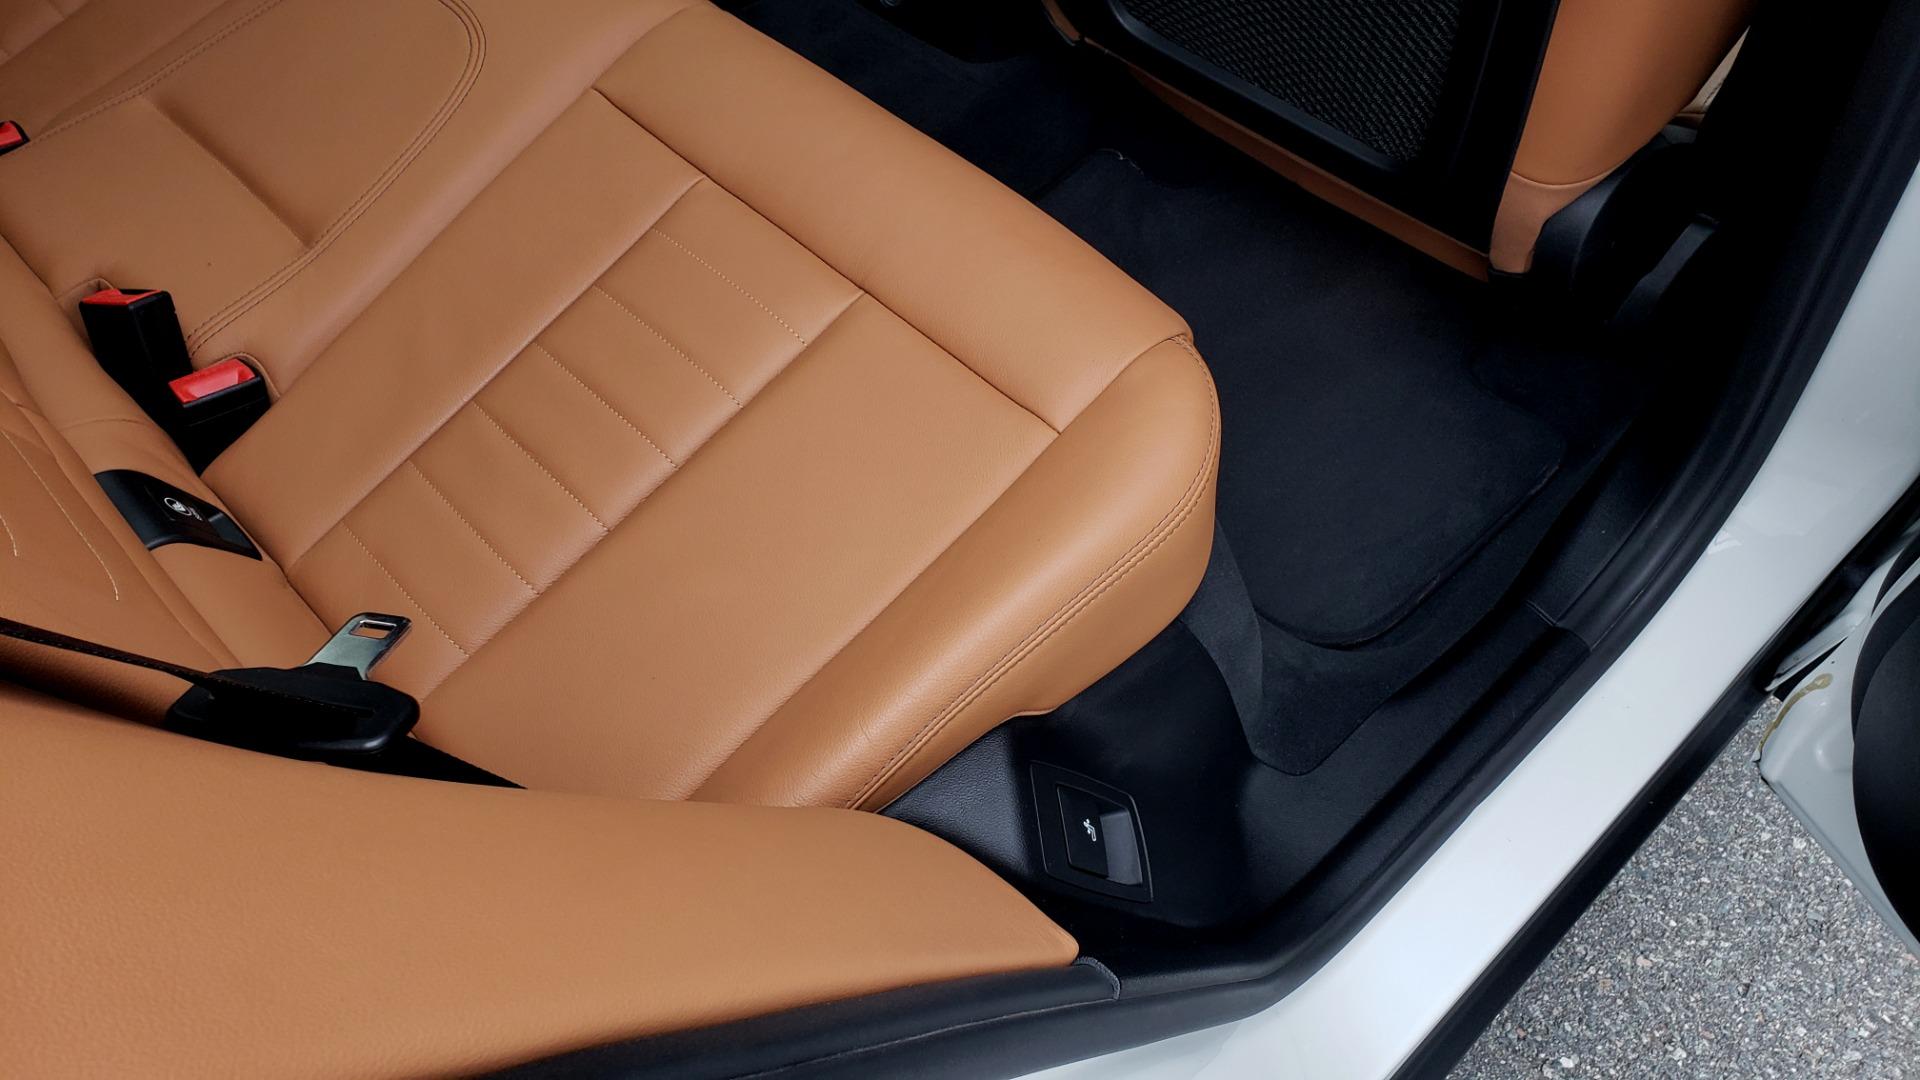 Used 2018 BMW X3 XDRIVE30I / LUX PKG / PREM PKG / CONV PKG / PDC / APPLE CARPLAY for sale Sold at Formula Imports in Charlotte NC 28227 79